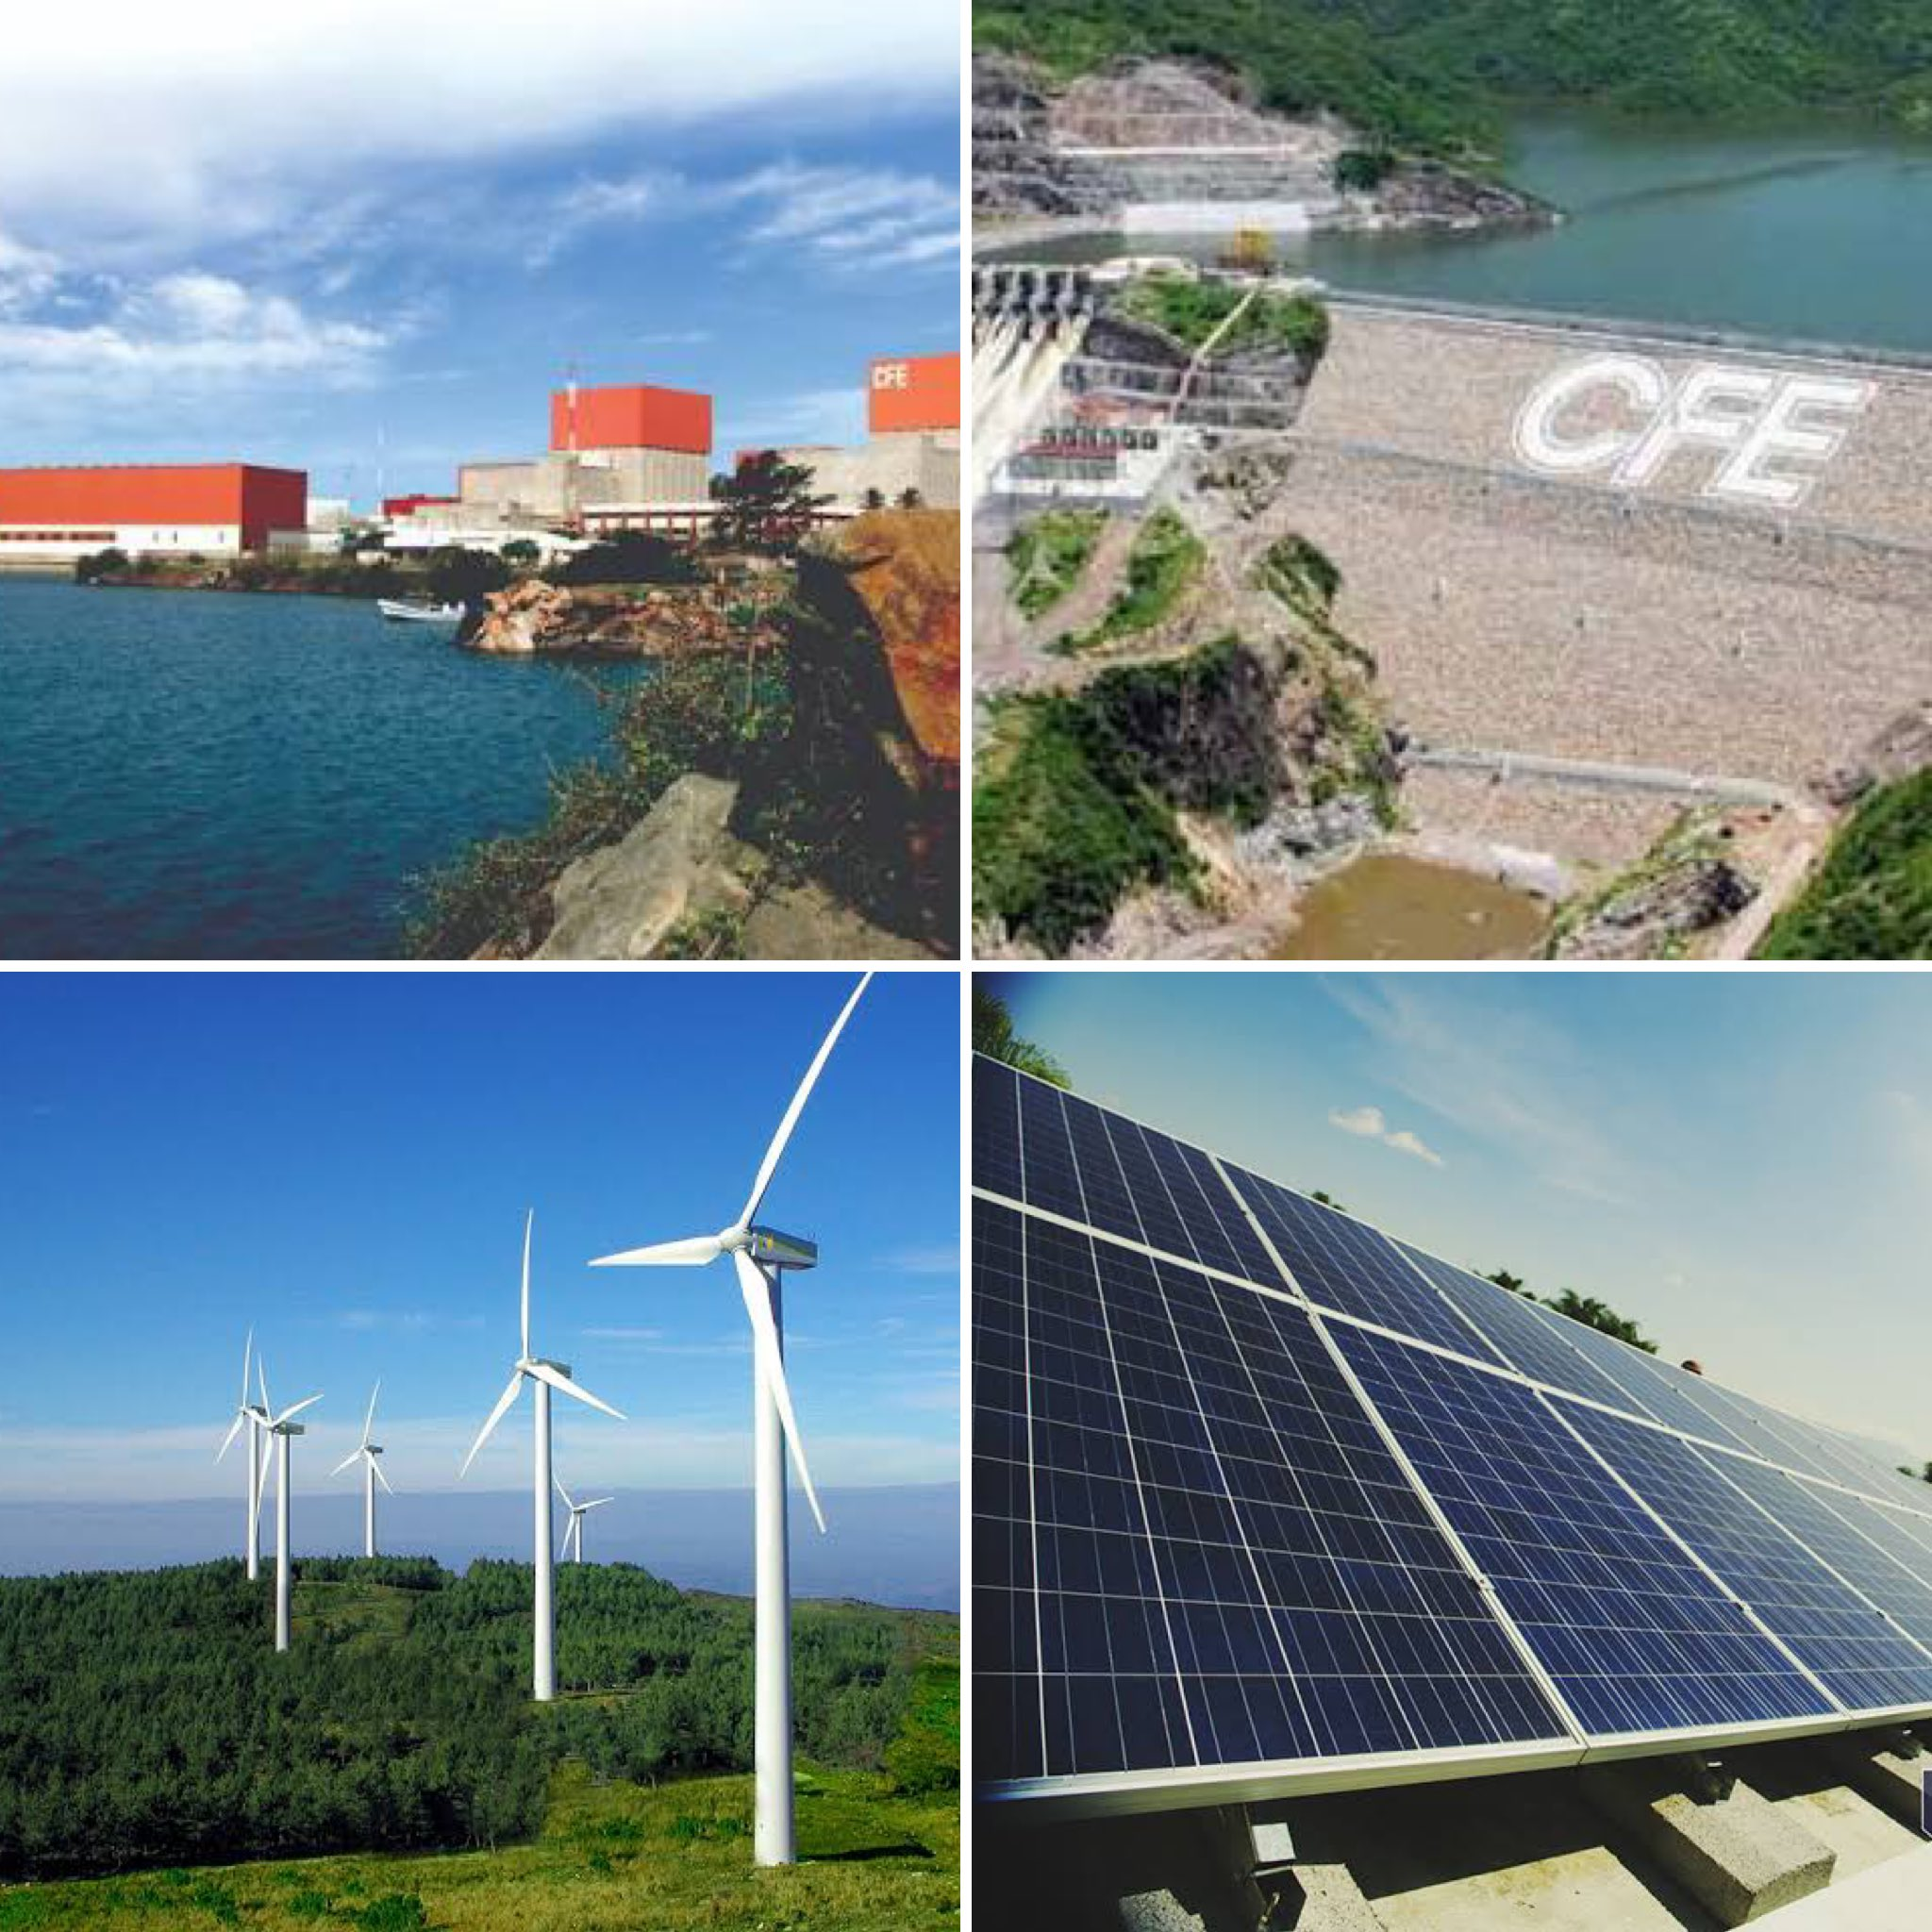 Suspensión de entrada de nuevos generadores de energía, para proteger suministro al país: CFE